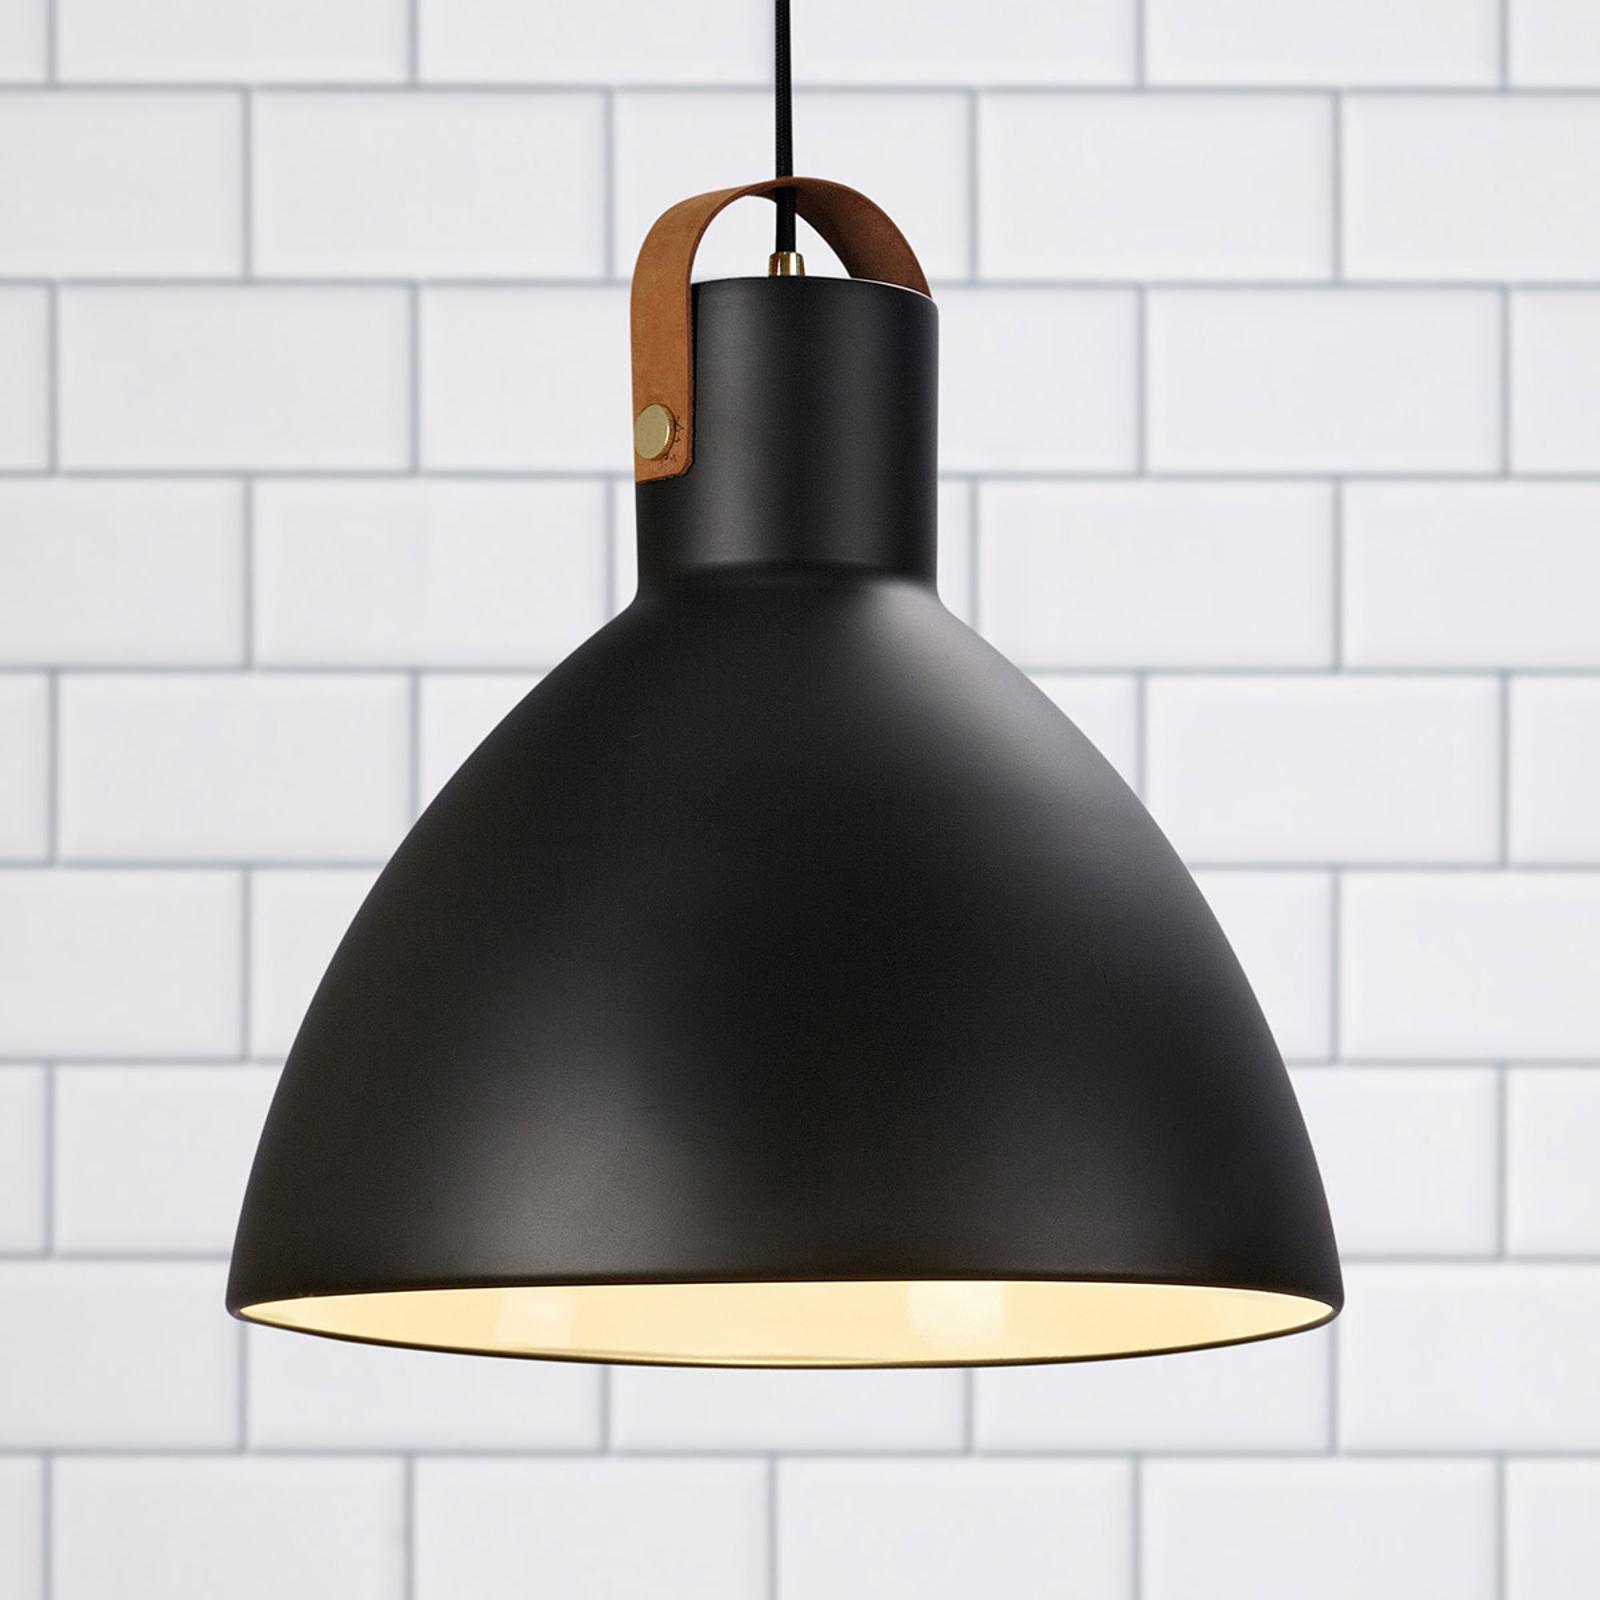 Hanglamp Eagle met metalen kap Ø 35 cm zwart